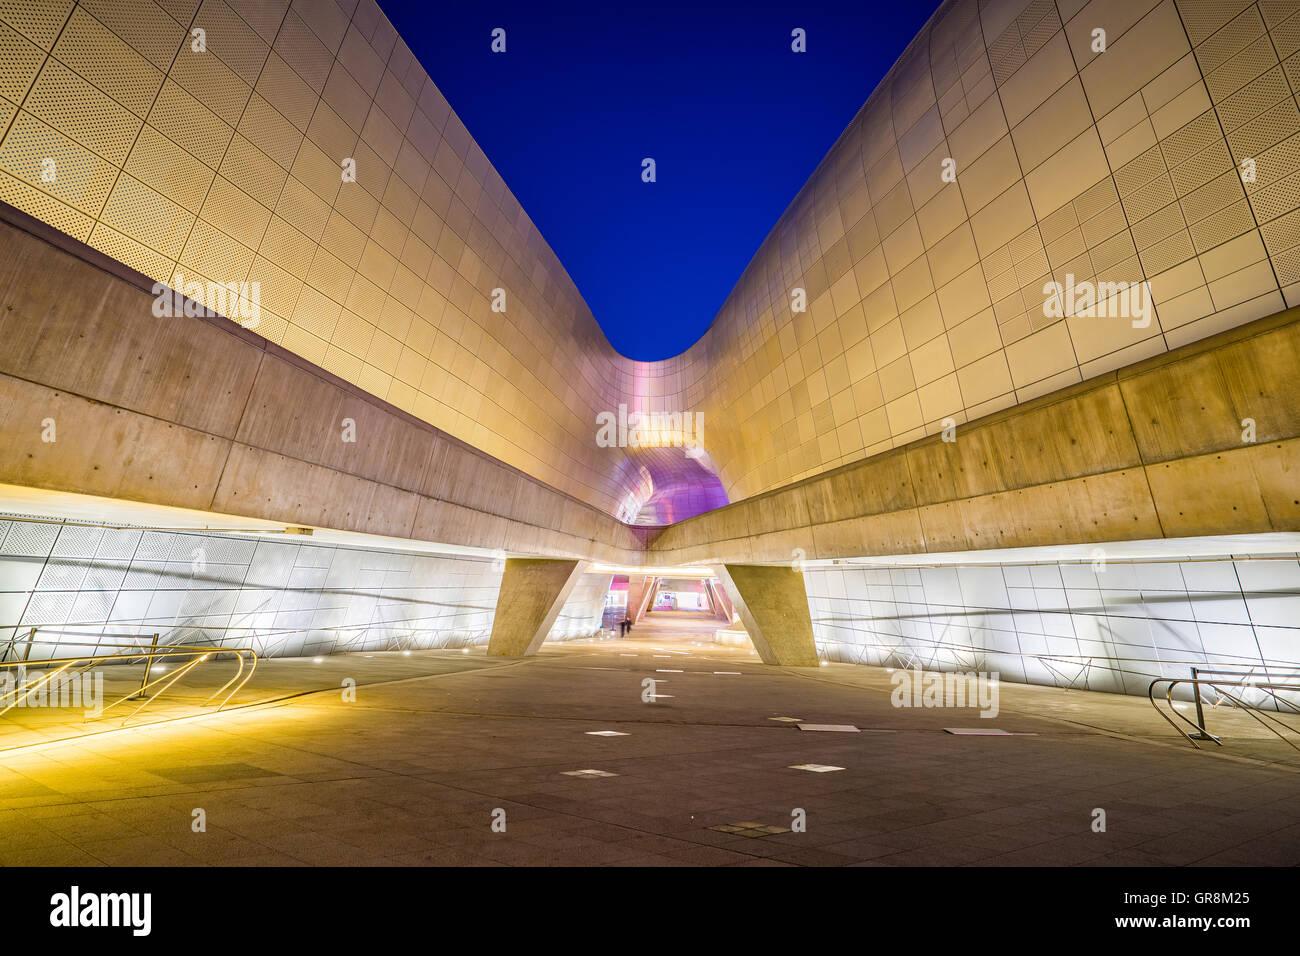 Séoul, Corée du Sud- 7 décembre 2015: la conception de Dongdaemun Plaza, également appelé Photo Stock